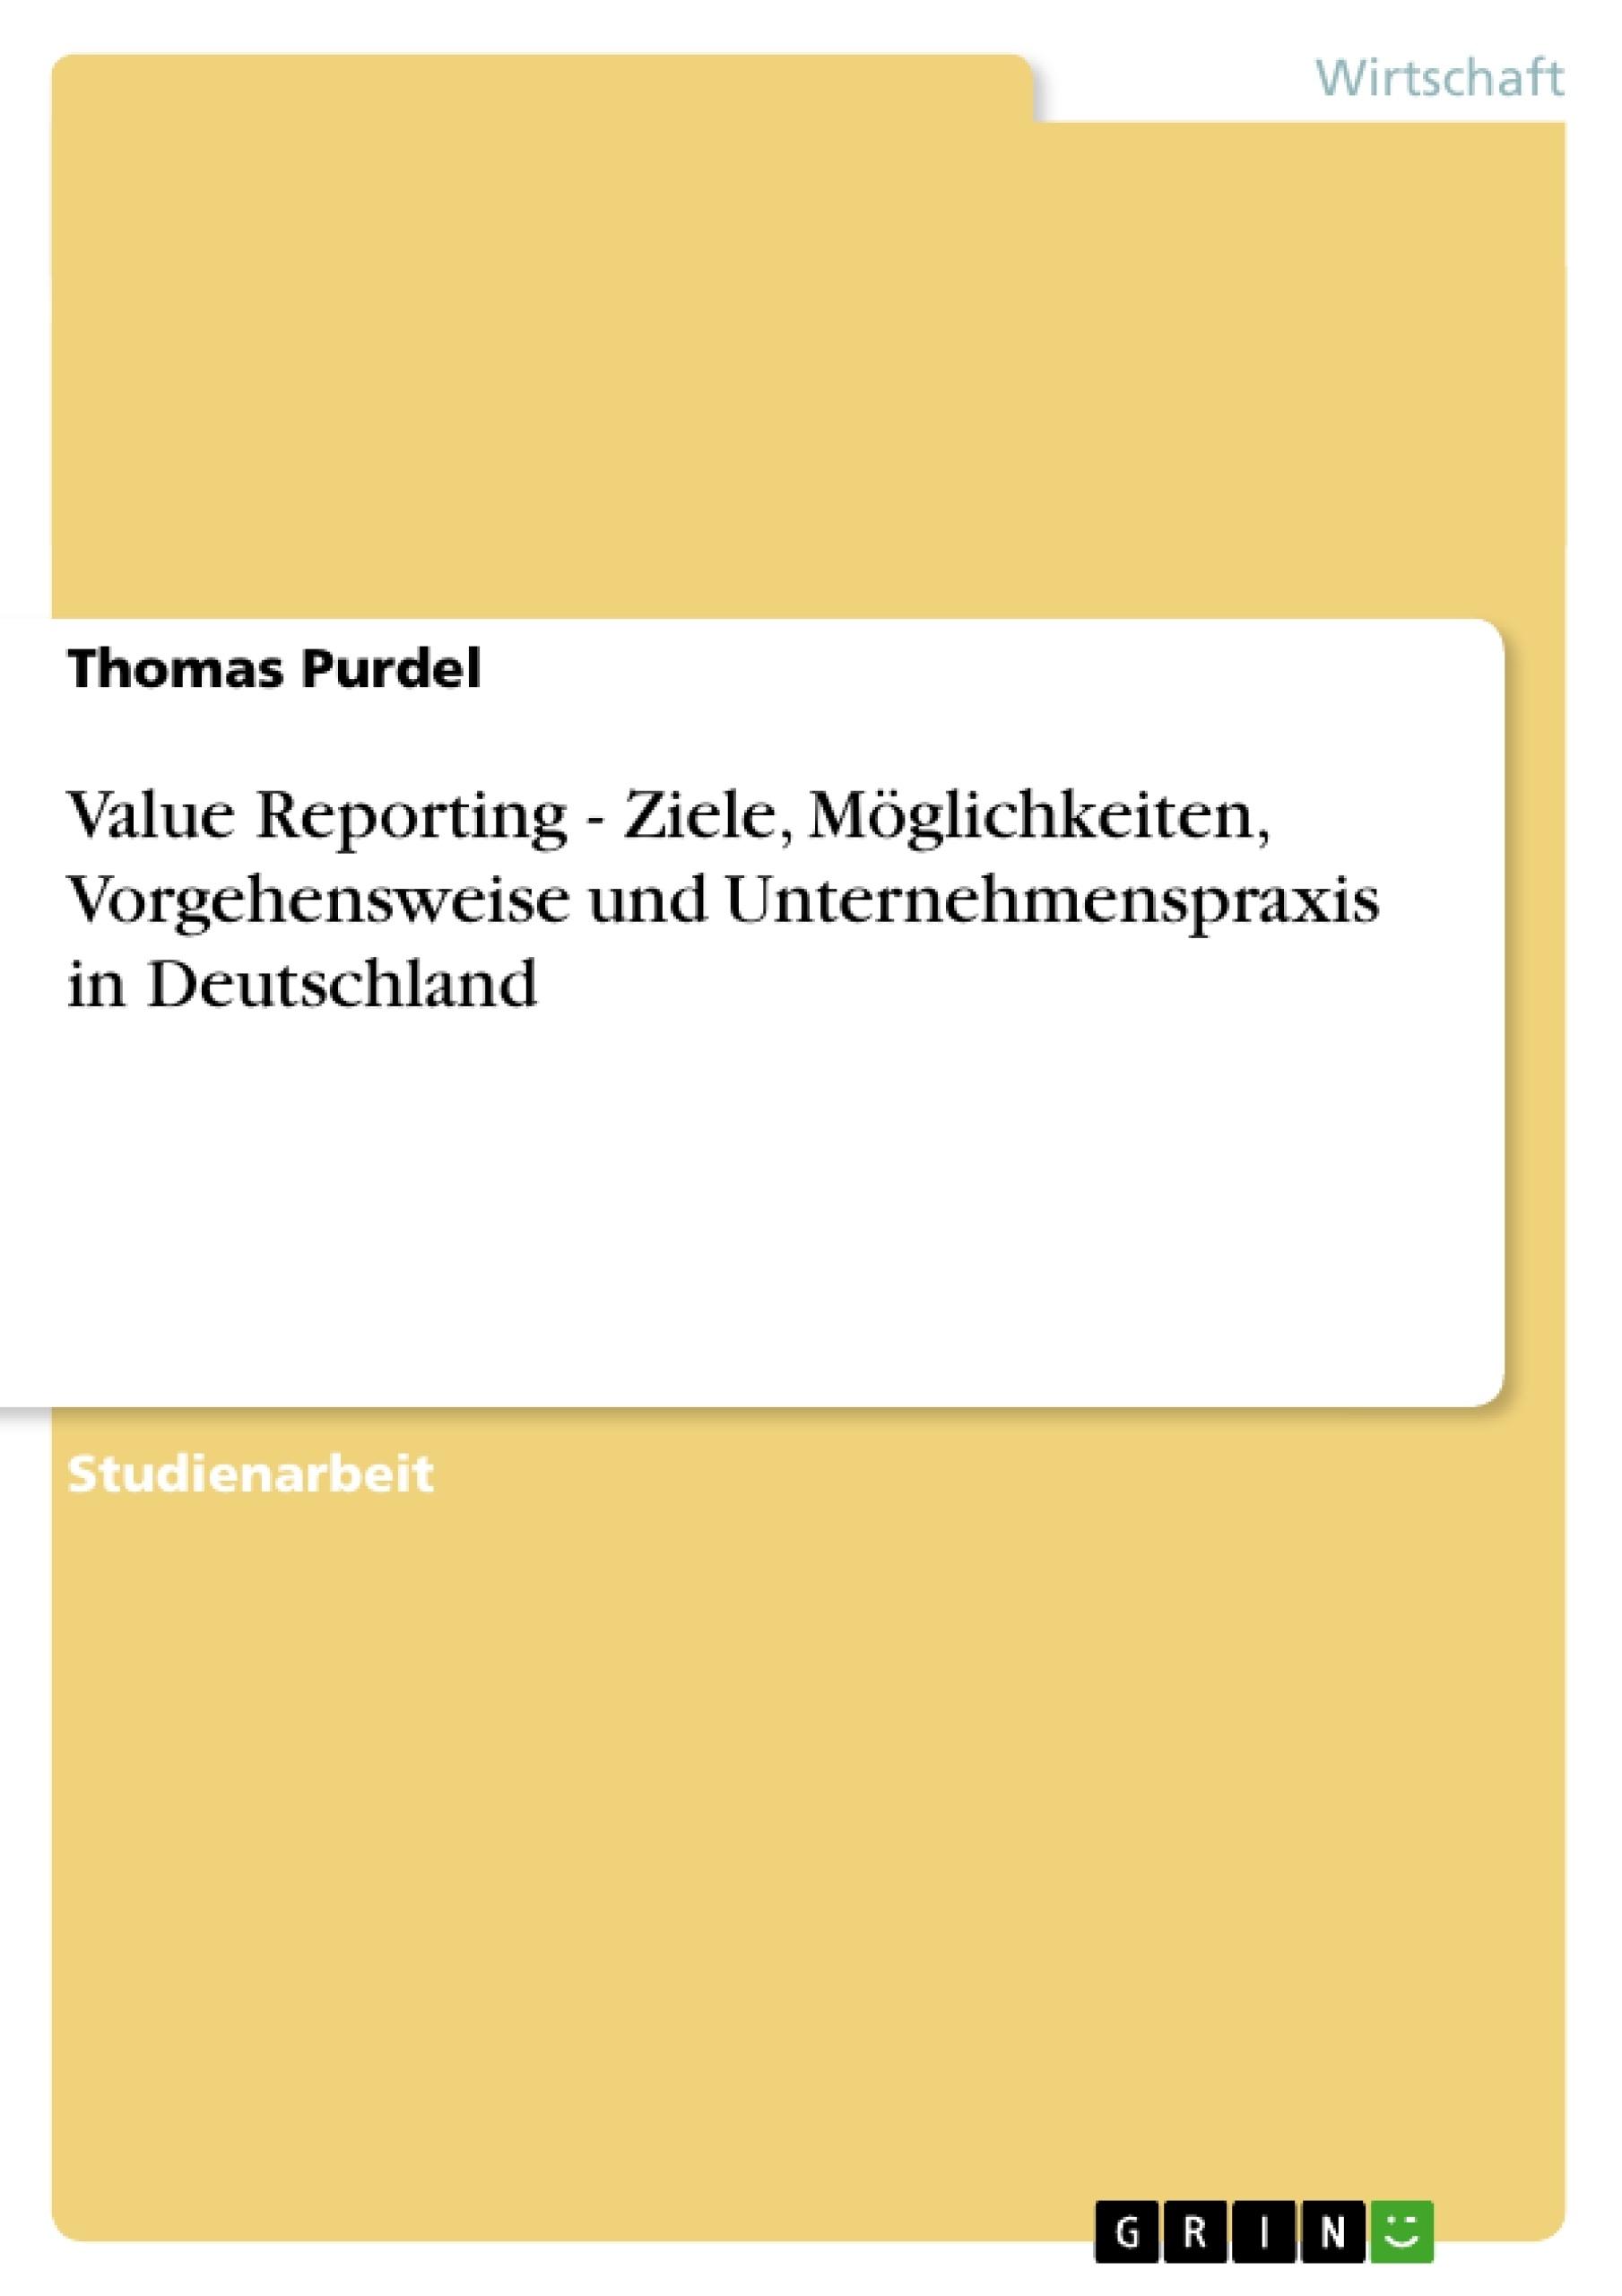 Titel: Value Reporting - Ziele, Möglichkeiten, Vorgehensweise und Unternehmenspraxis in Deutschland